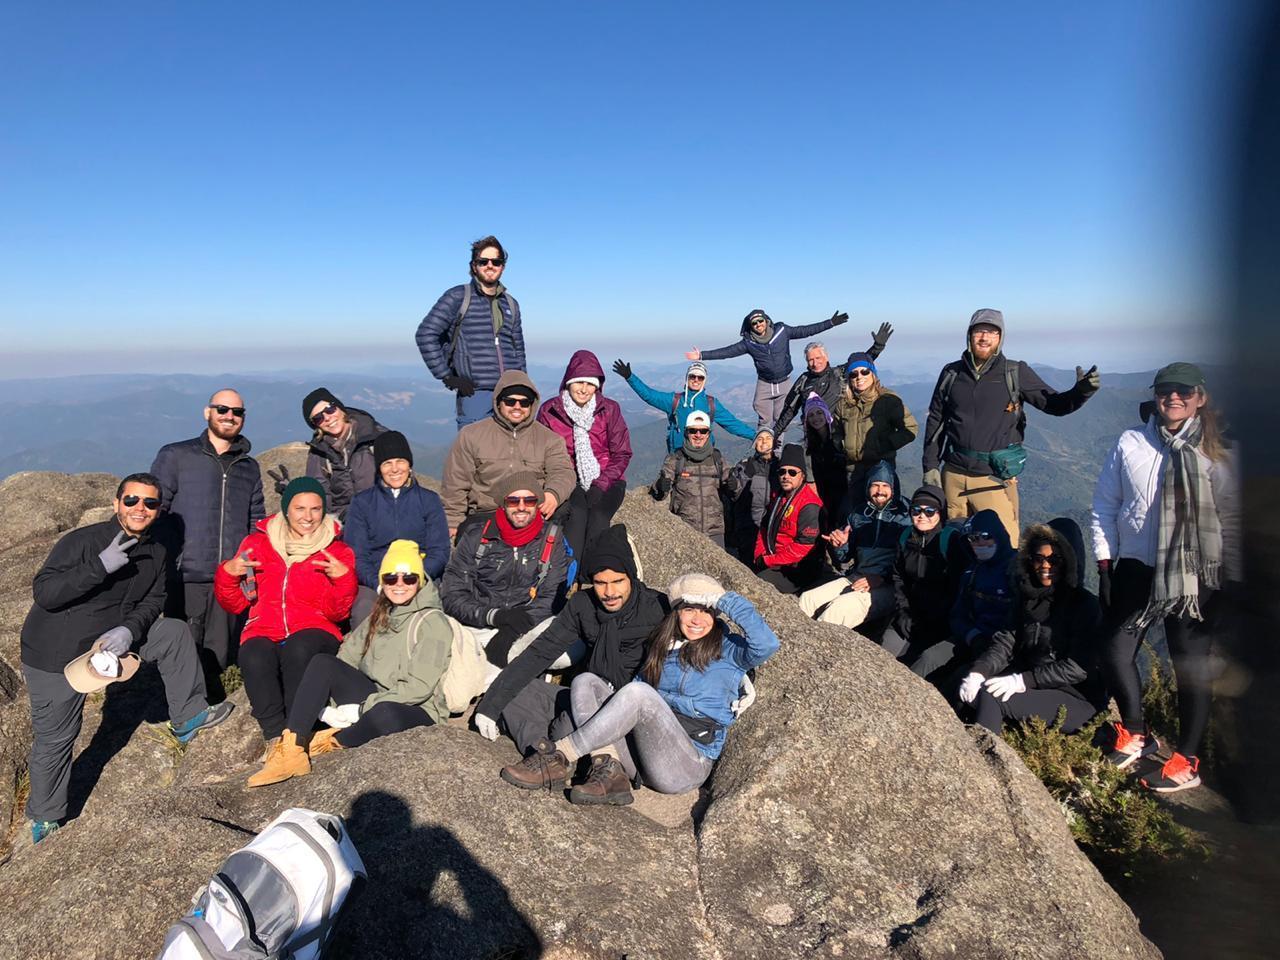 Guia Lucas Peixoto e turistas já no alto do cume - Pico dos Marins